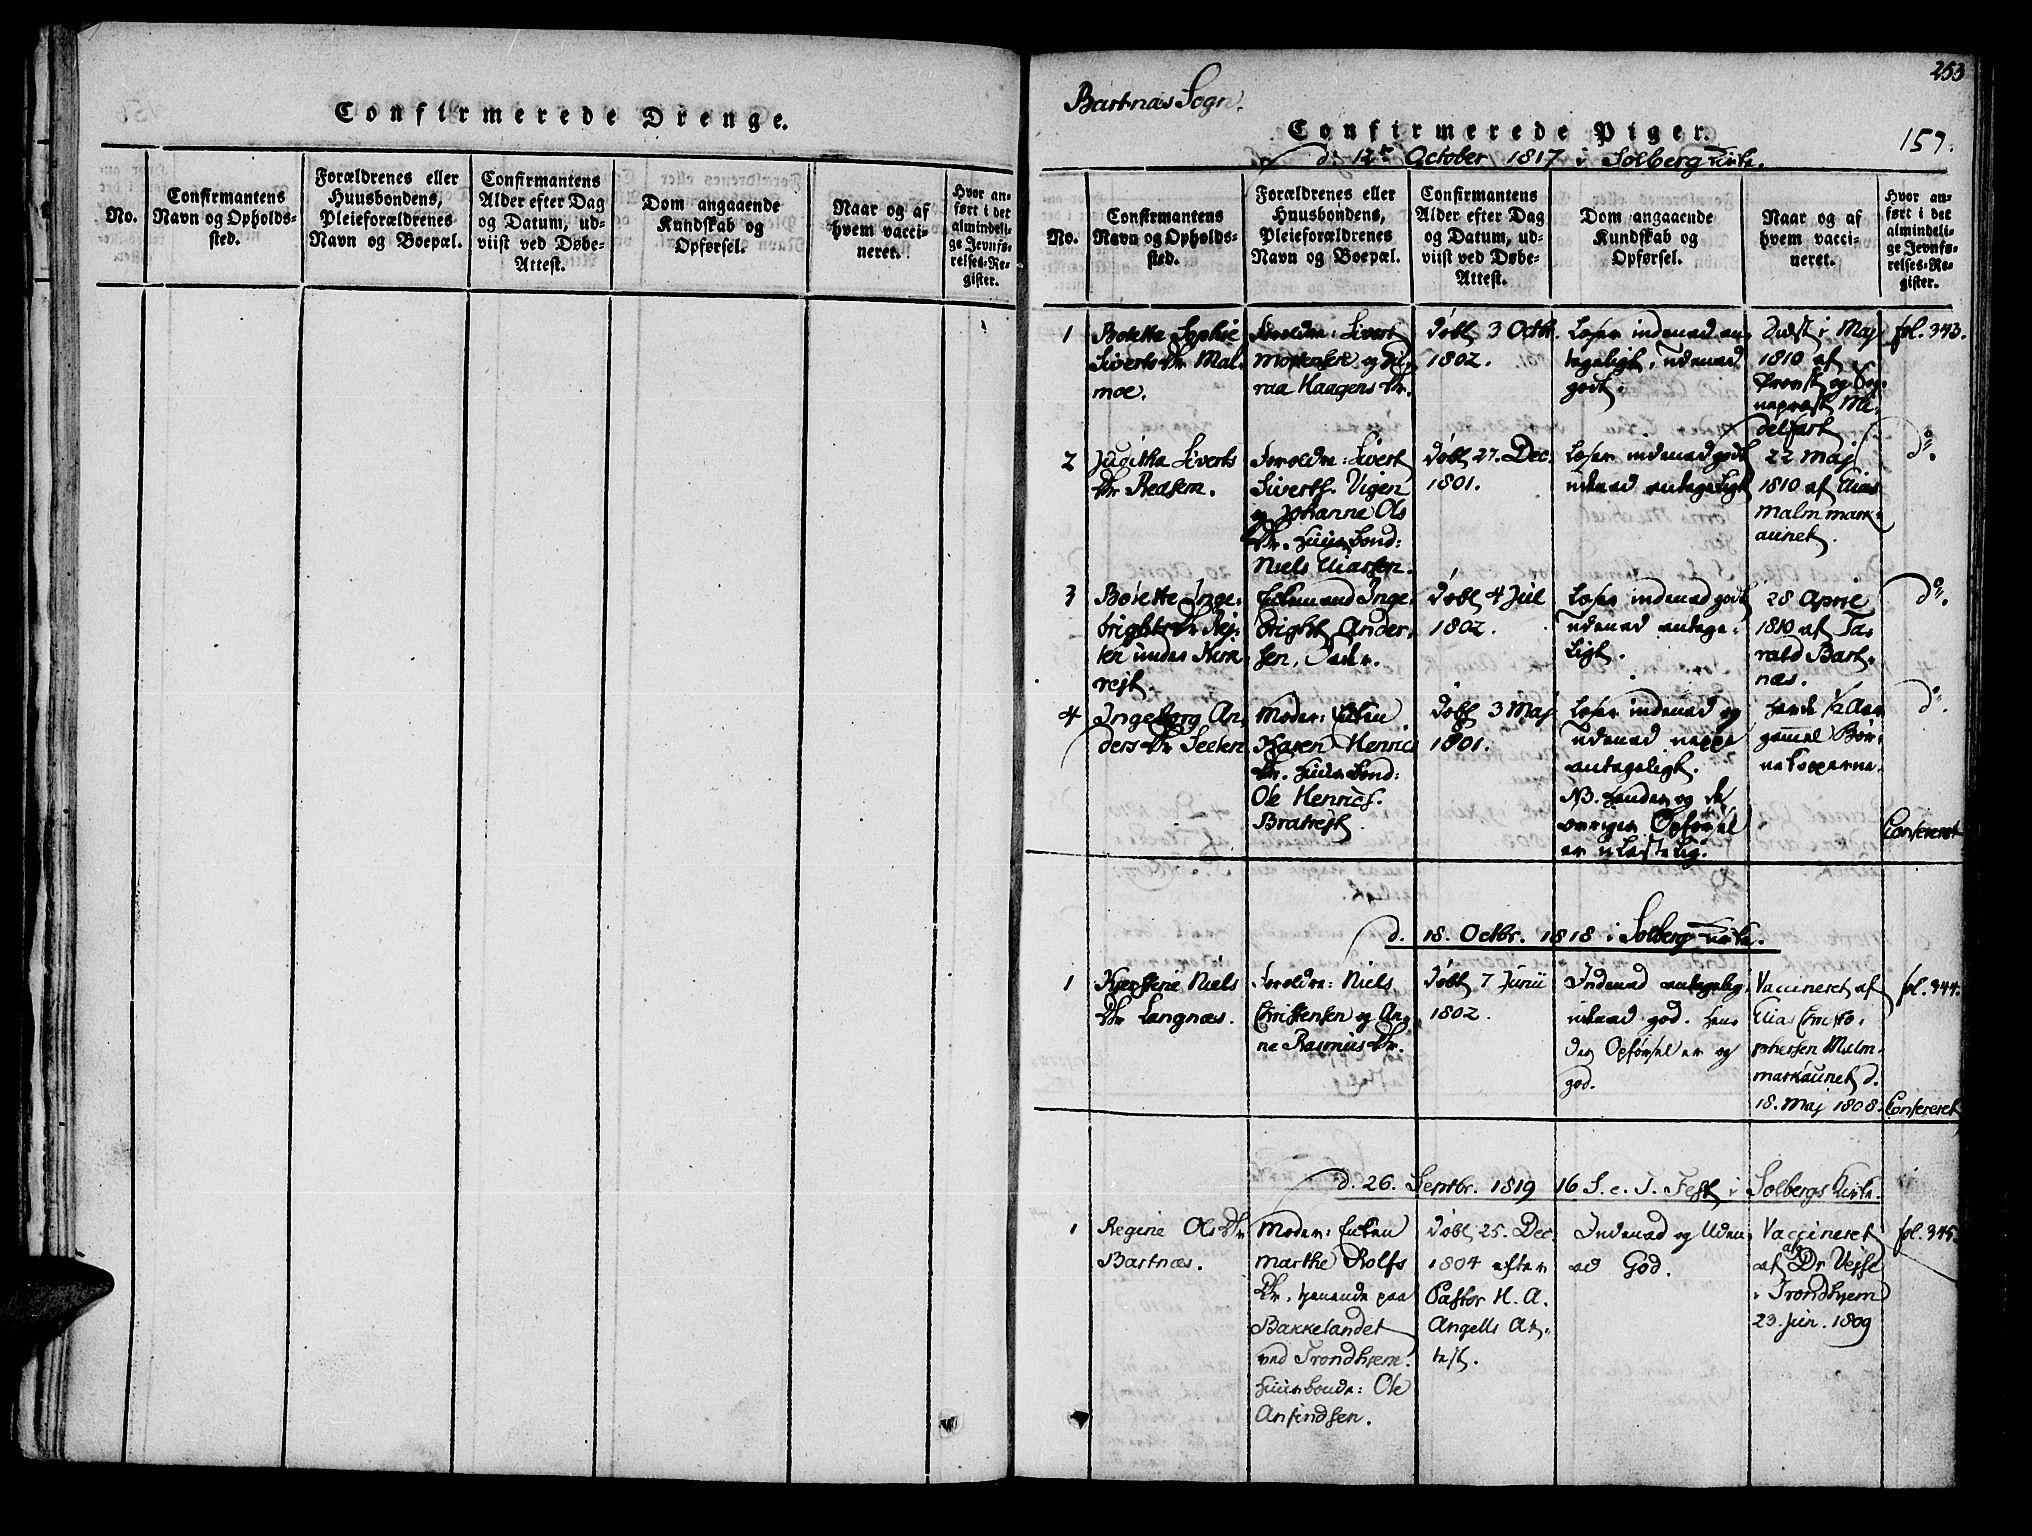 SAT, Ministerialprotokoller, klokkerbøker og fødselsregistre - Nord-Trøndelag, 741/L0387: Ministerialbok nr. 741A03 /2, 1817-1822, s. 157